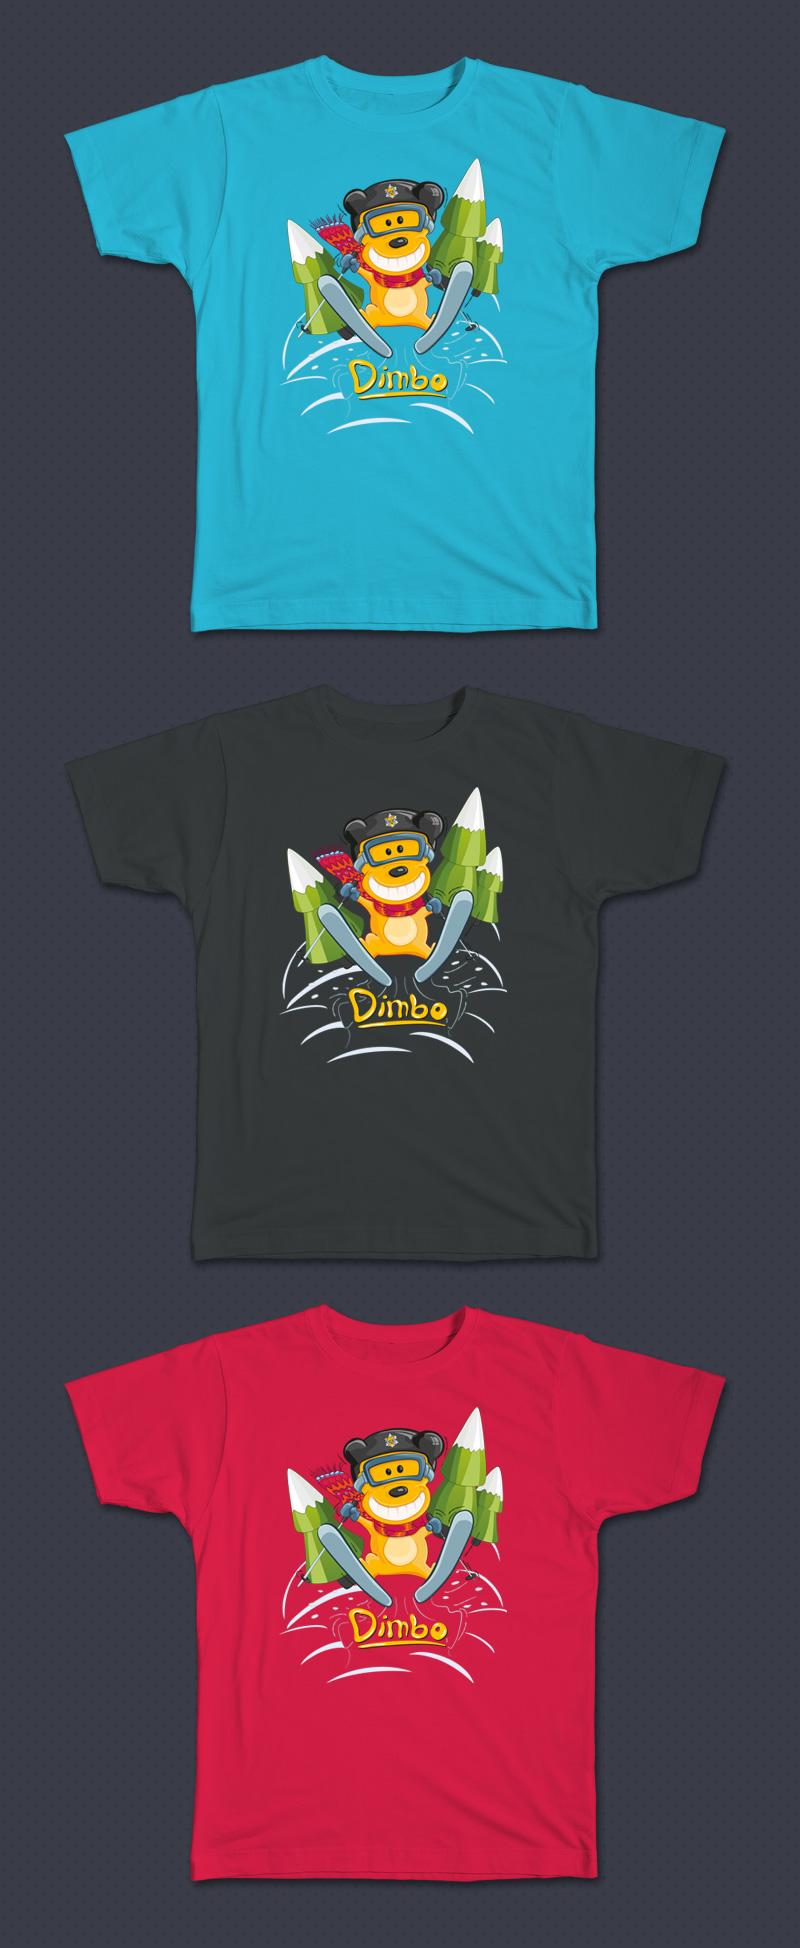 Dimbo's T-shirt